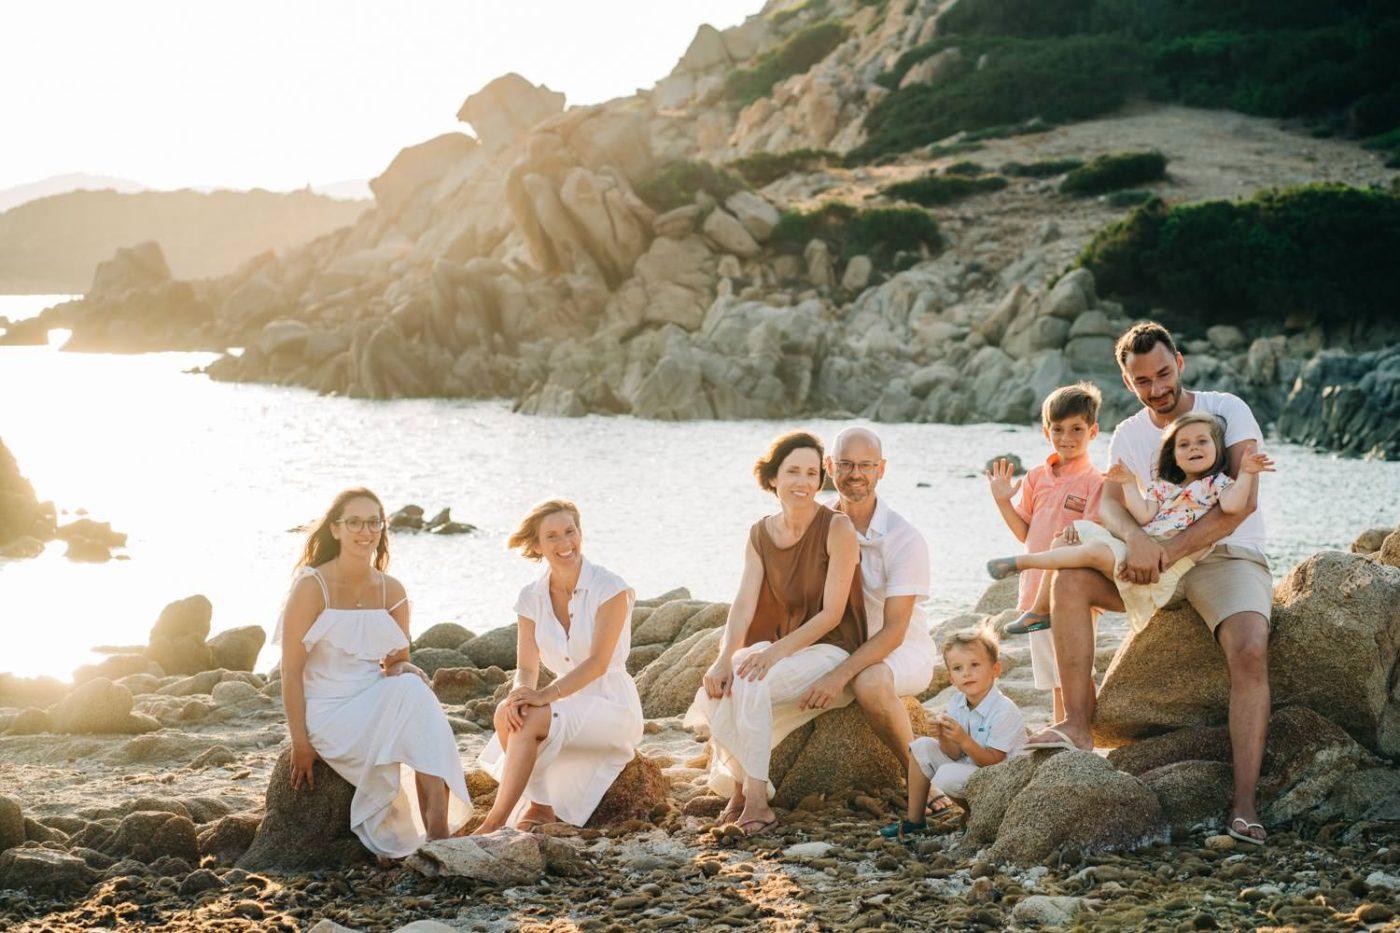 Sardinia photographers, Daniele